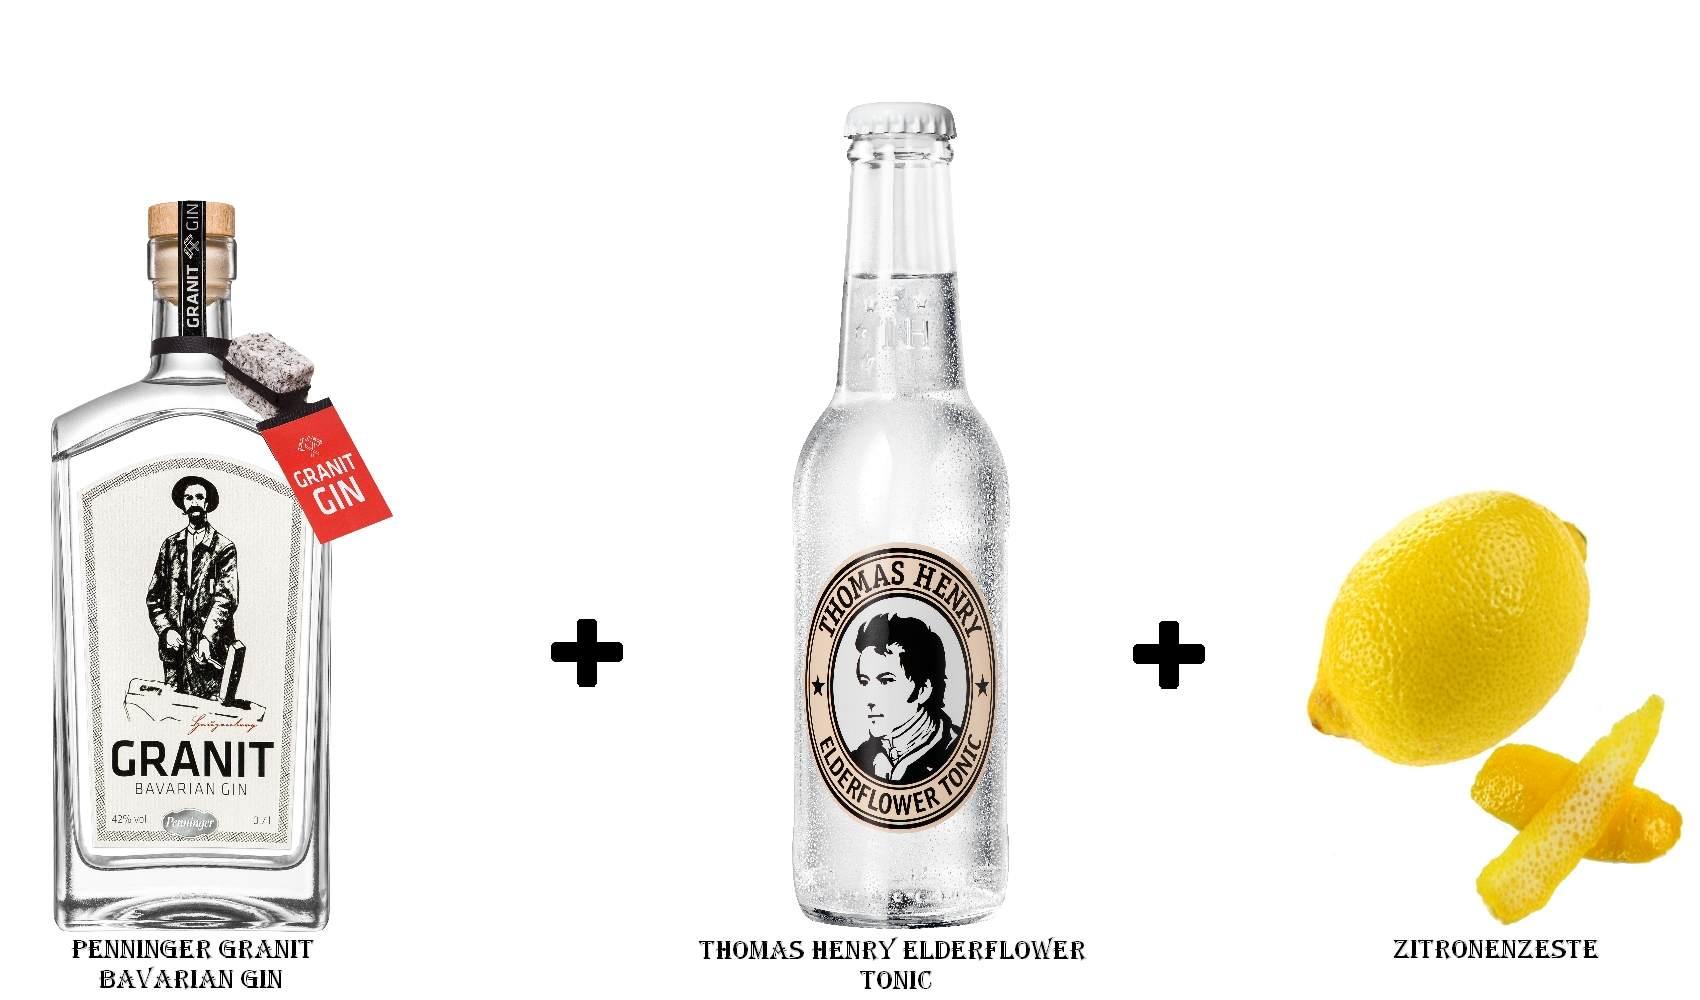 Penninger Granit Bavarian Gin + Thomas Henry Elderflower Tonic + Zitronenzeste